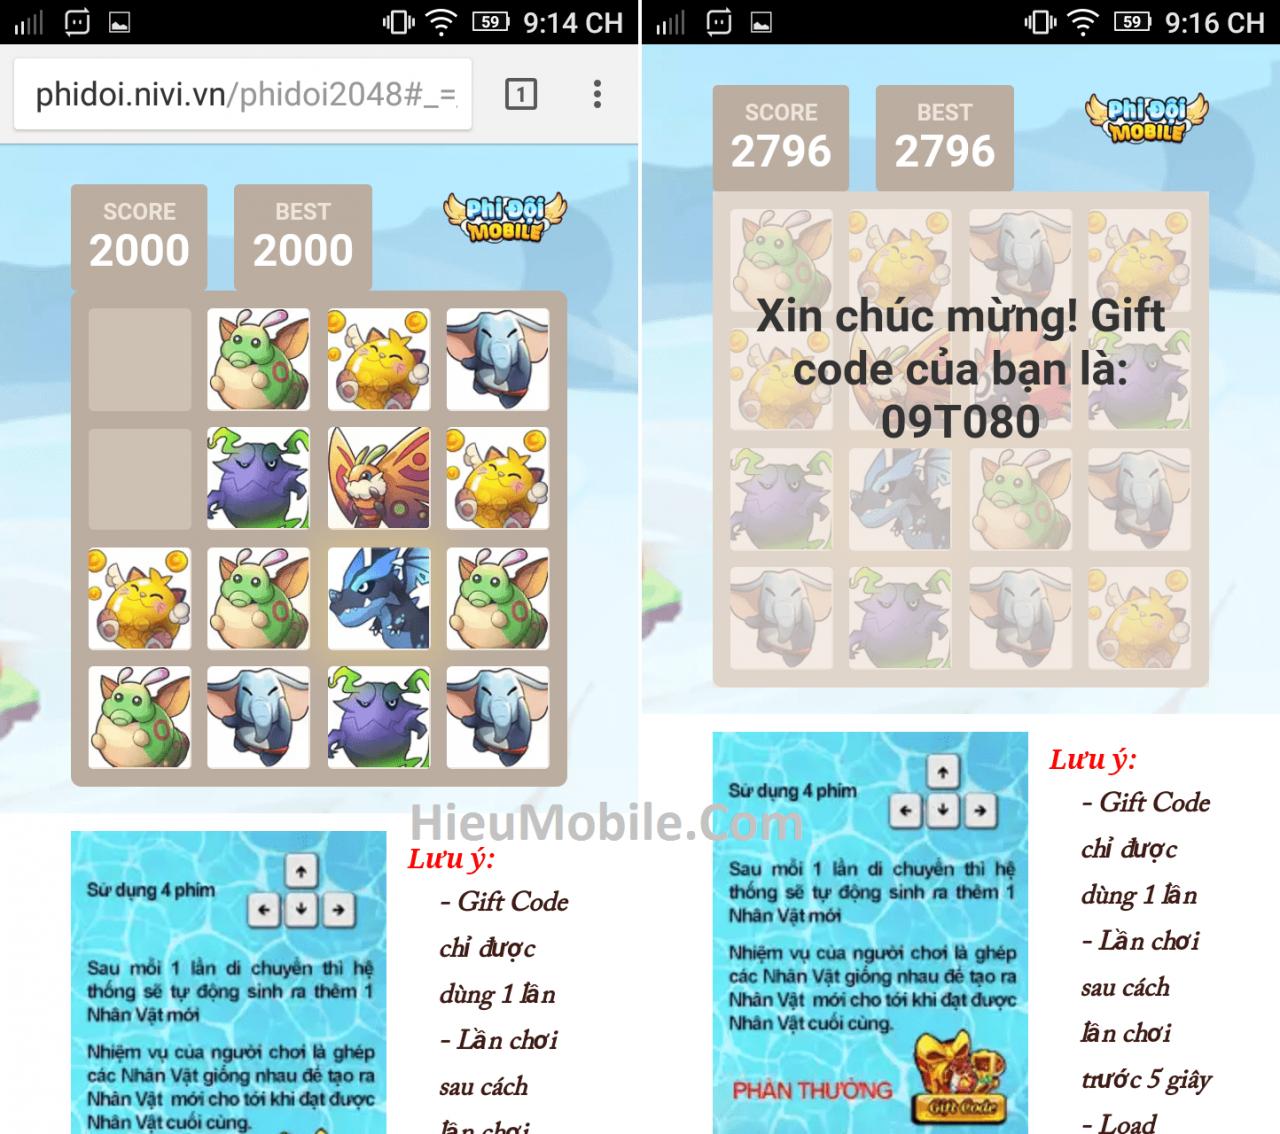 Hình ảnh uYVaZsu của Hướng dẫn nhận và sử dụng giftcode Phi Đội Mobile tại HieuMobile